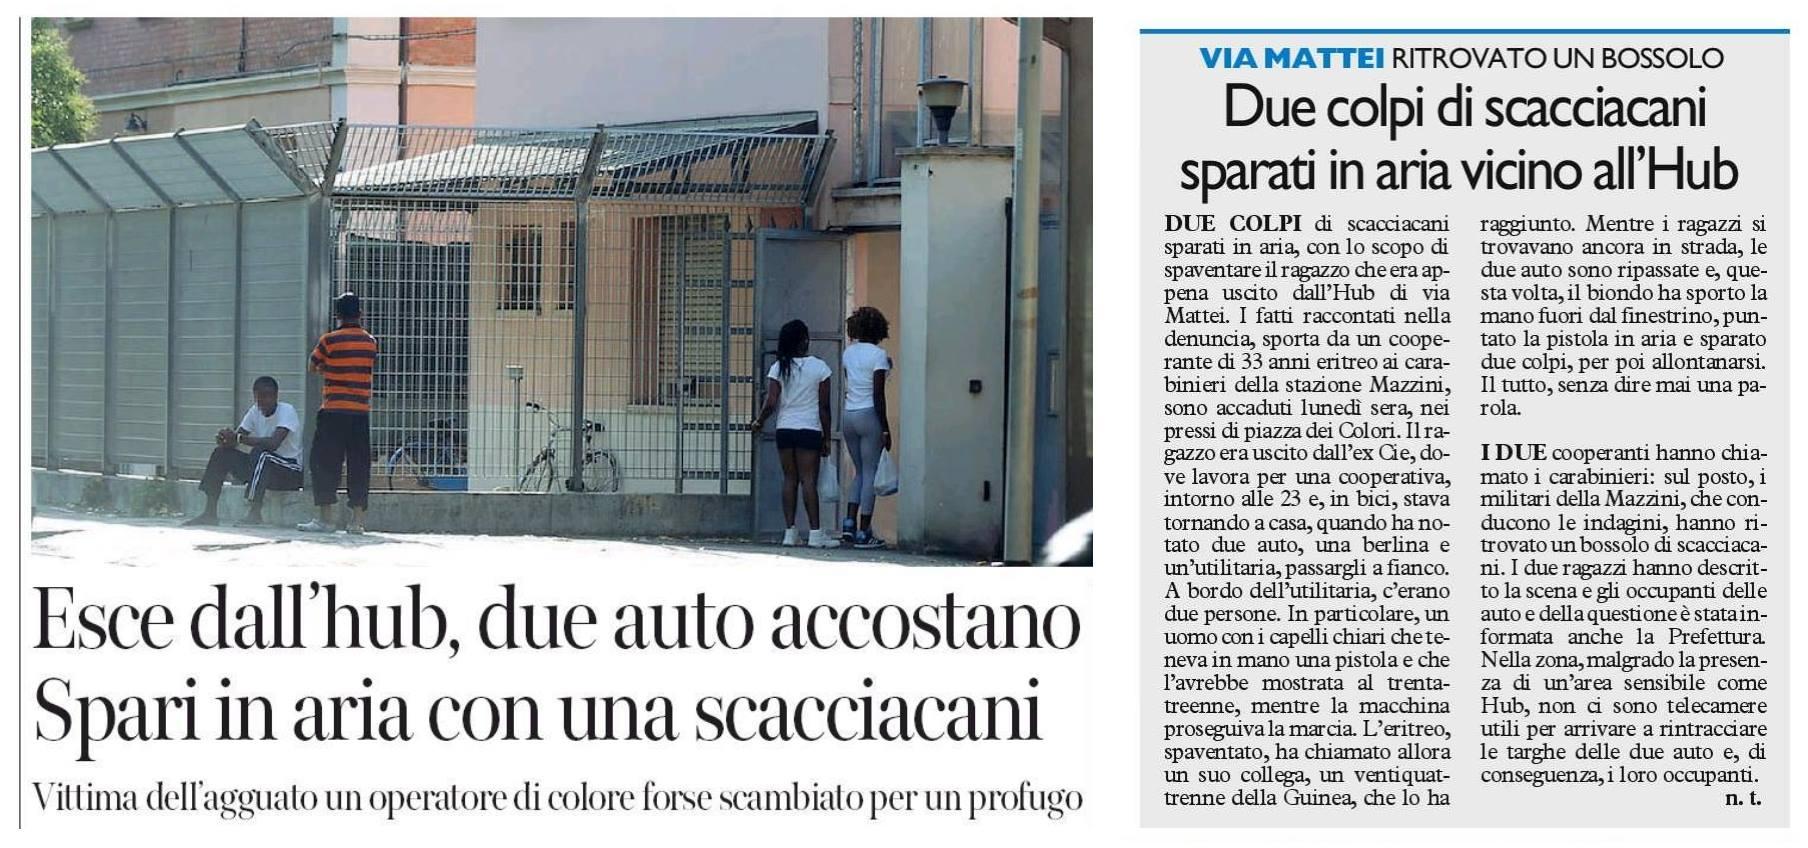 Colpi d'arma da fuoco all'hub di Via Mattei. Rispondiamo partecipando sabato in piazza a Roma: #Nonèreato!